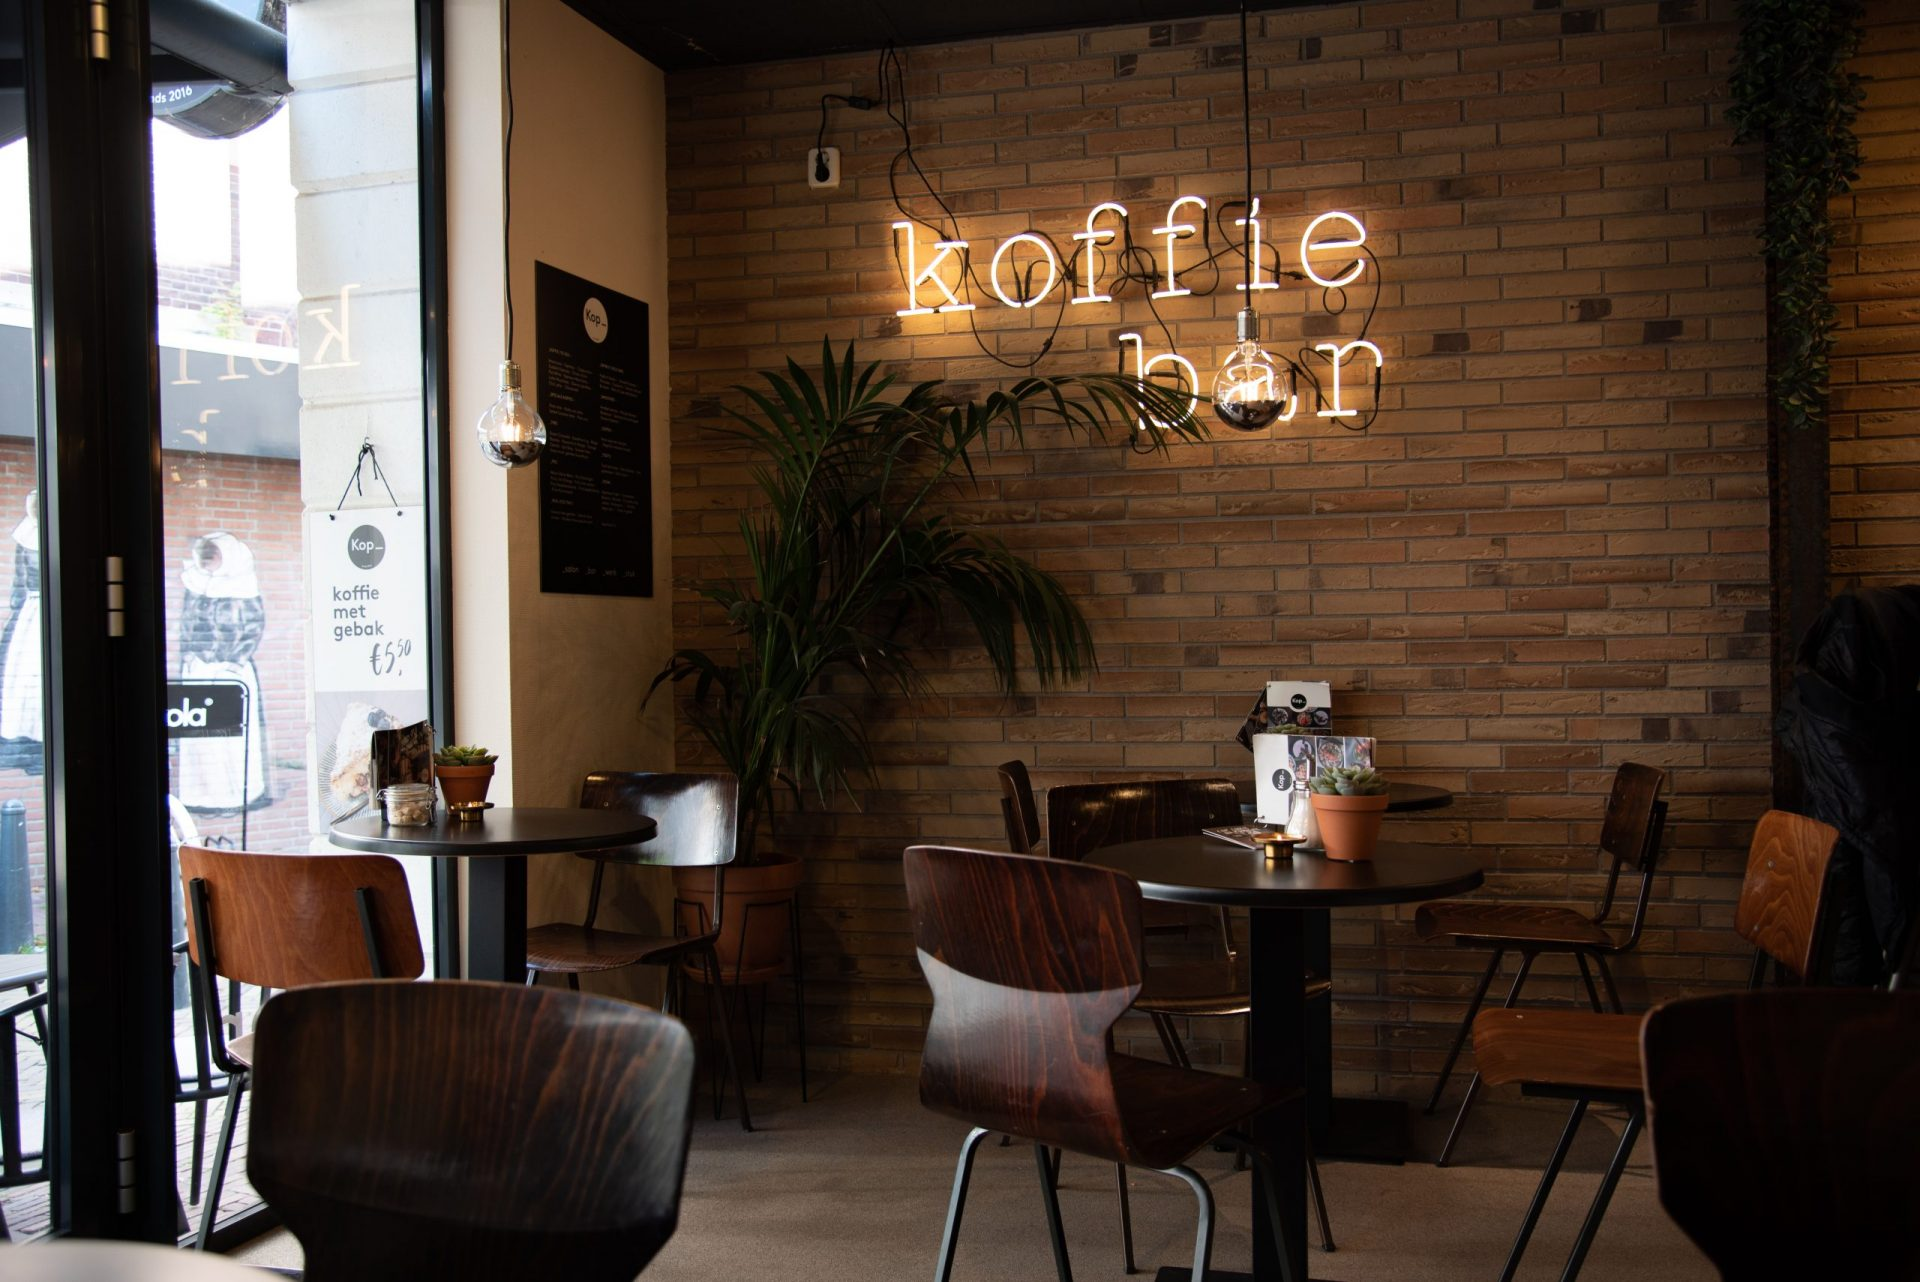 Koffiebar KOP - Sittard